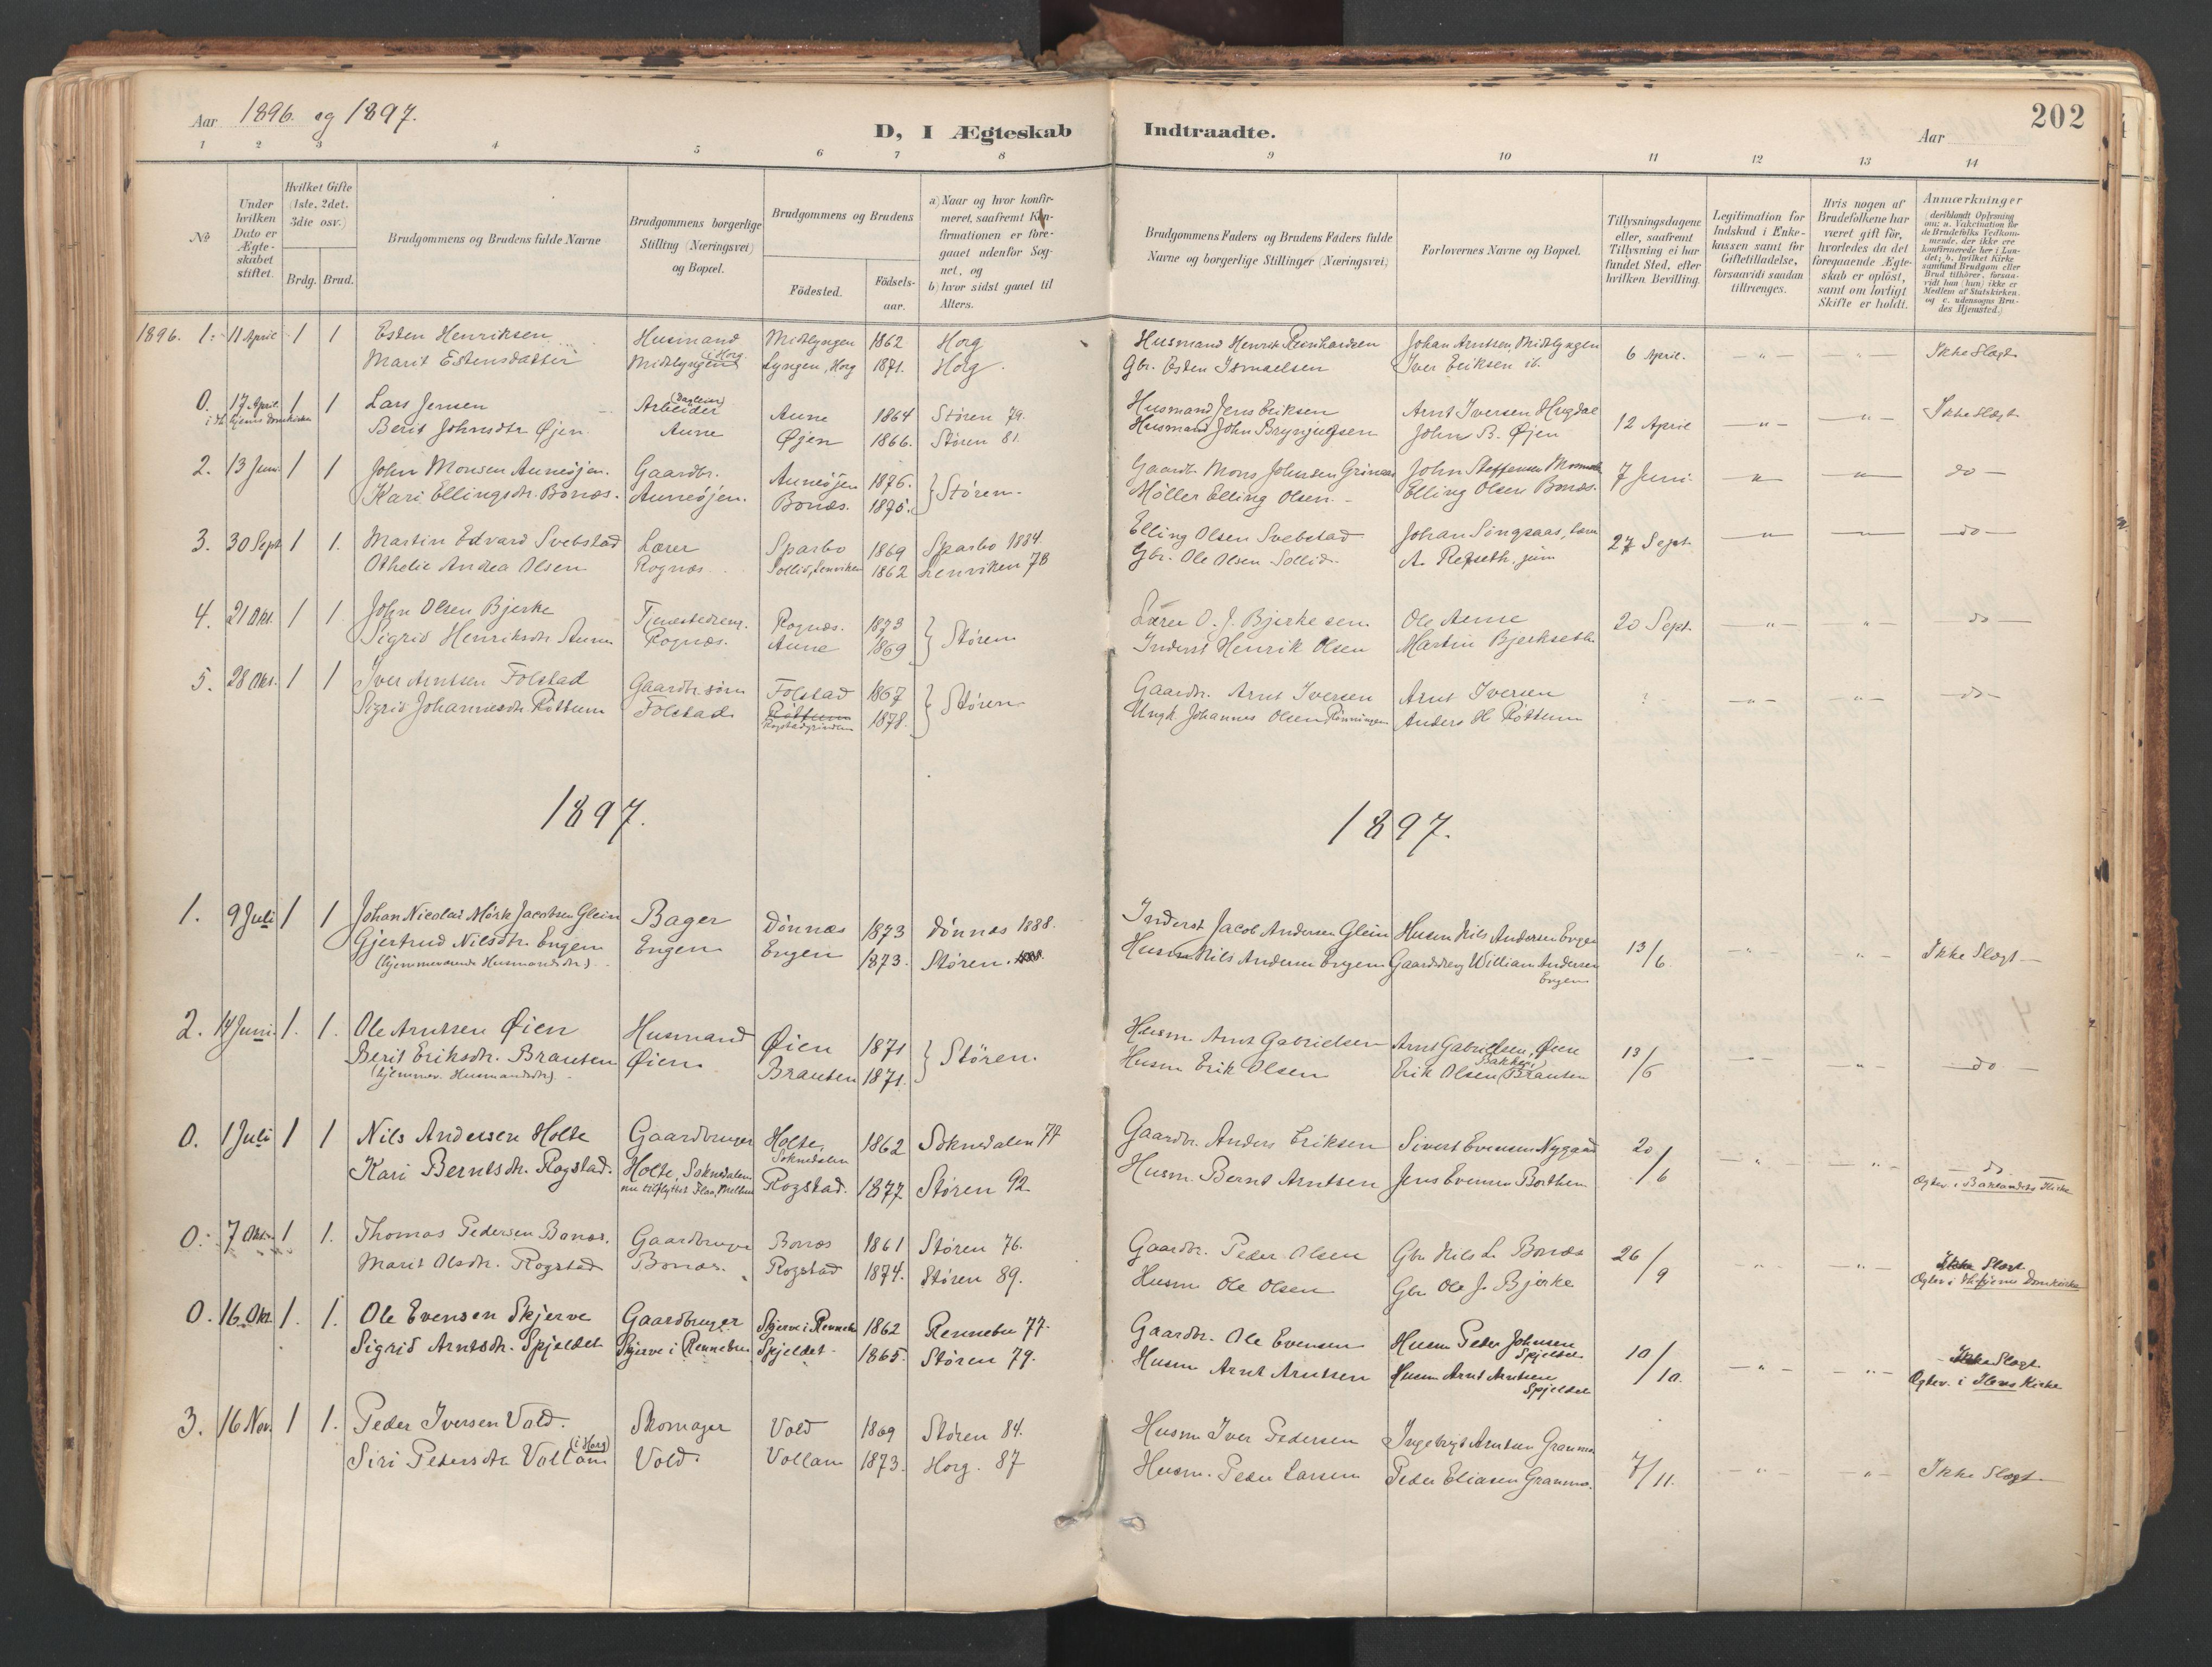 SAT, Ministerialprotokoller, klokkerbøker og fødselsregistre - Sør-Trøndelag, 687/L1004: Ministerialbok nr. 687A10, 1891-1923, s. 202